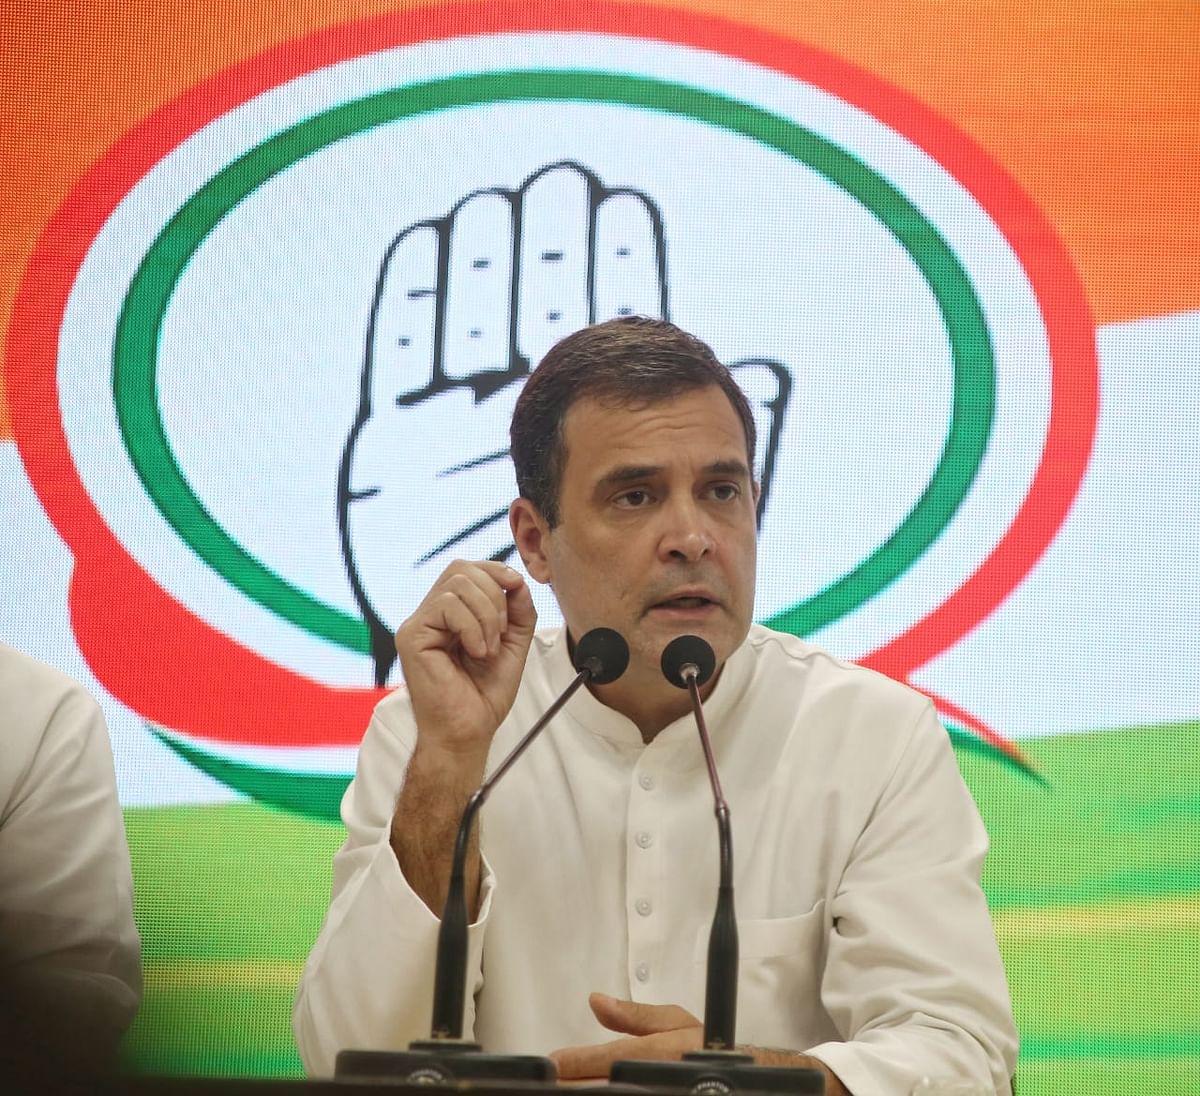 No democracy but dictatorship in UP, says Rahul Gandhi before leaving for Lakhimpur Kheri